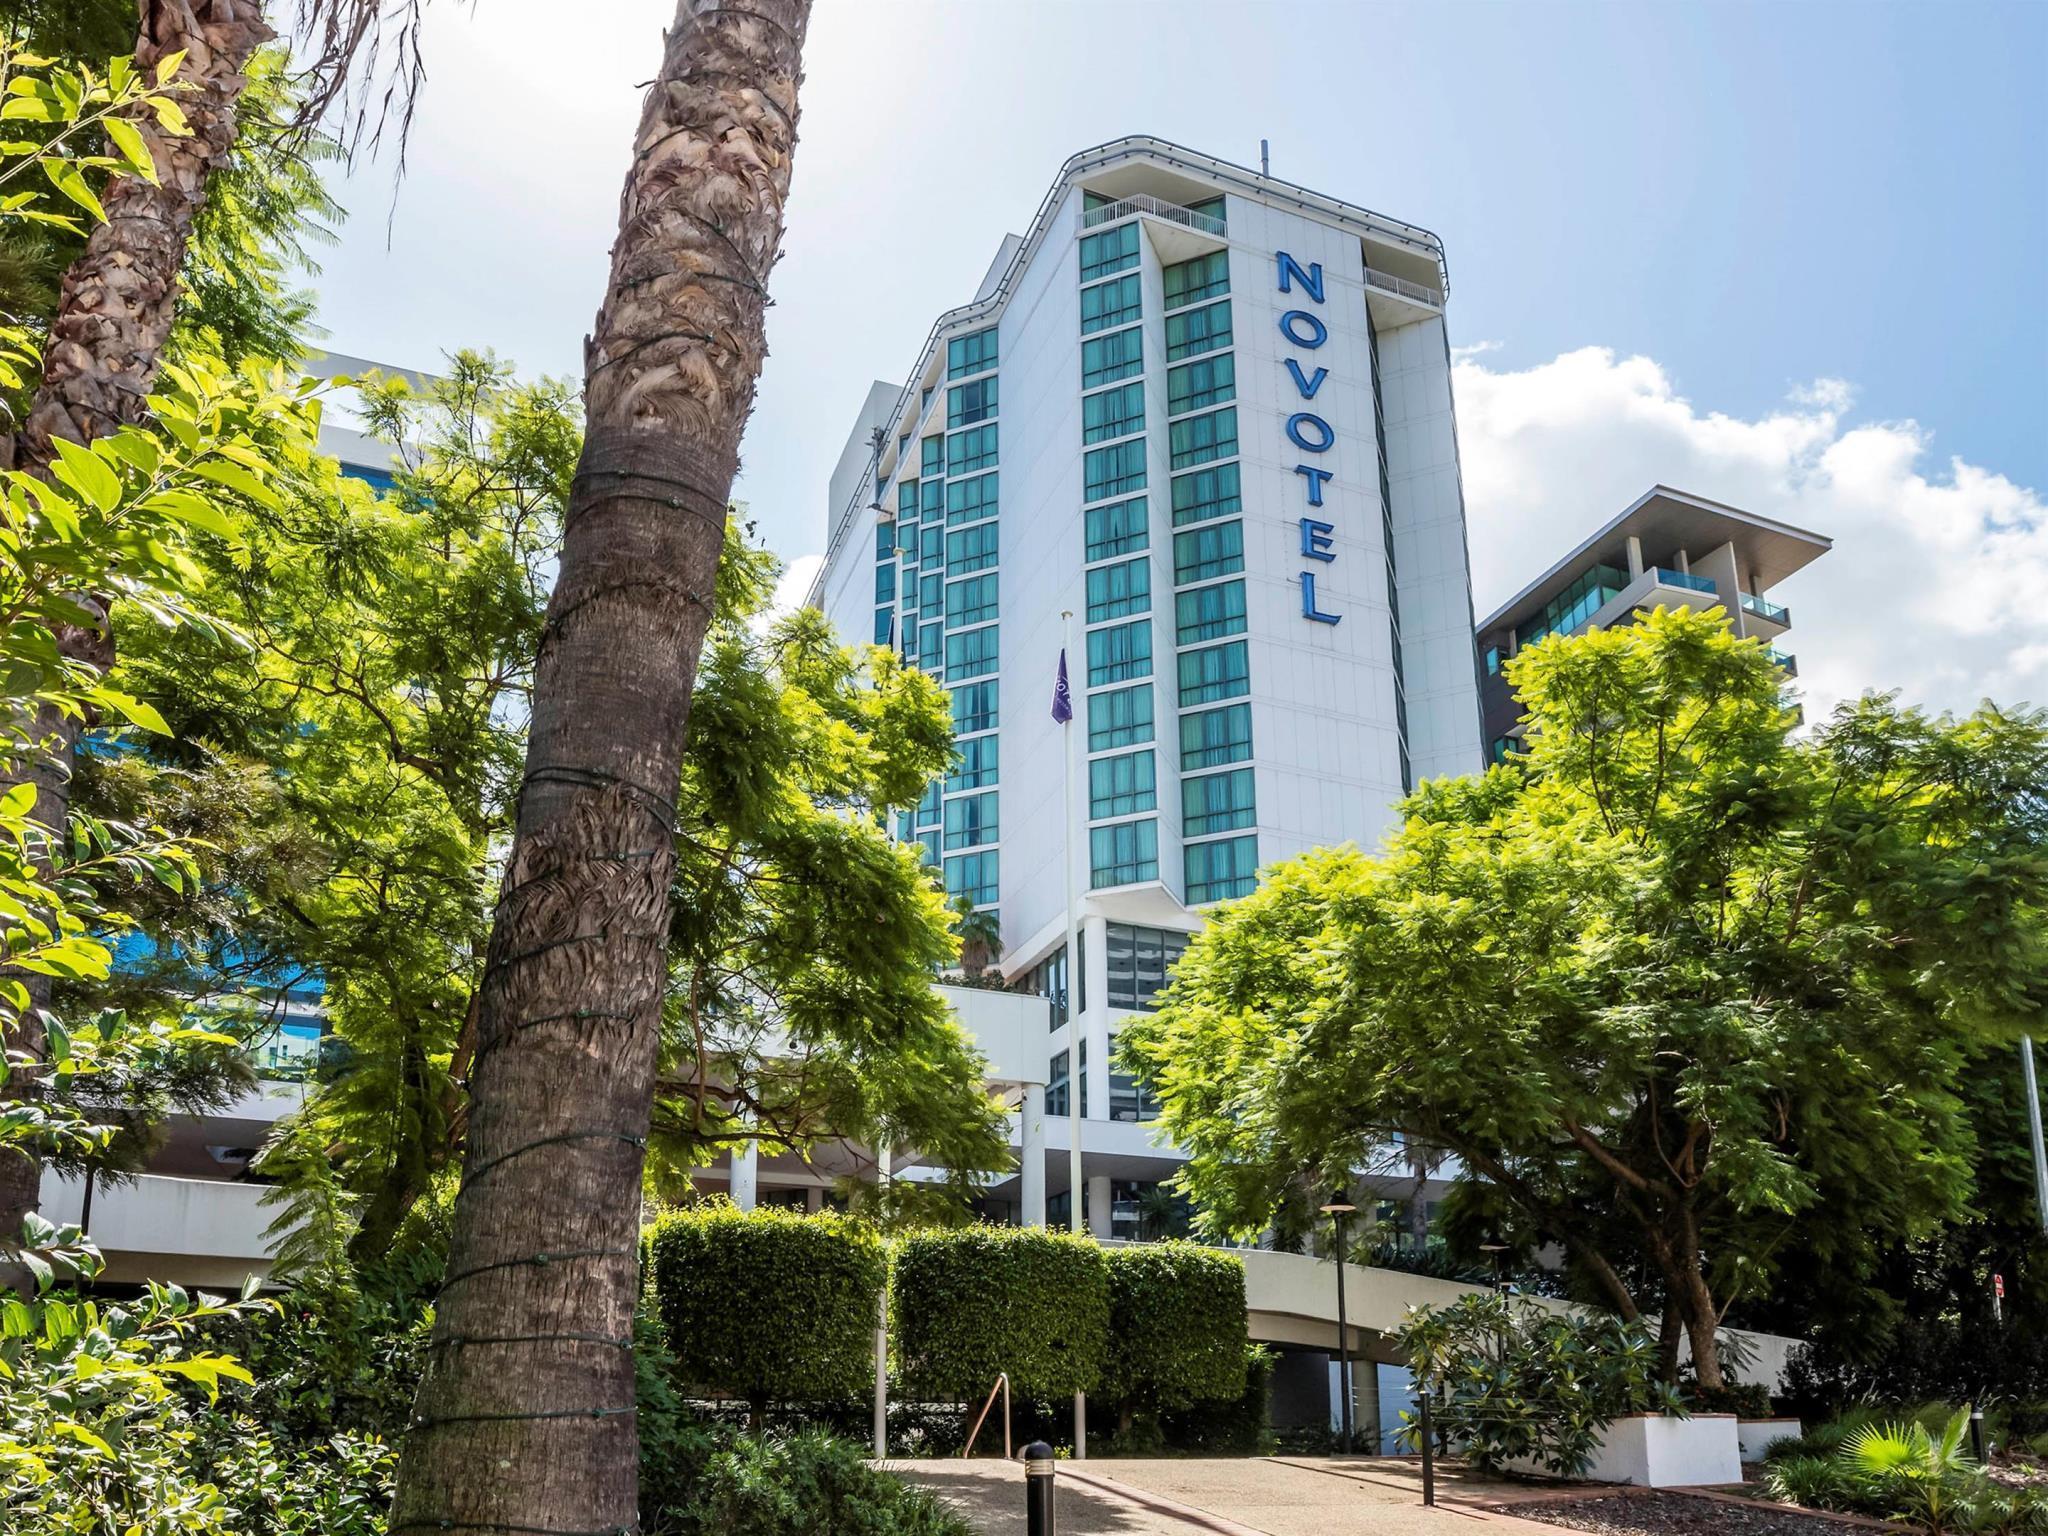 Novotel Brisbane Hotel